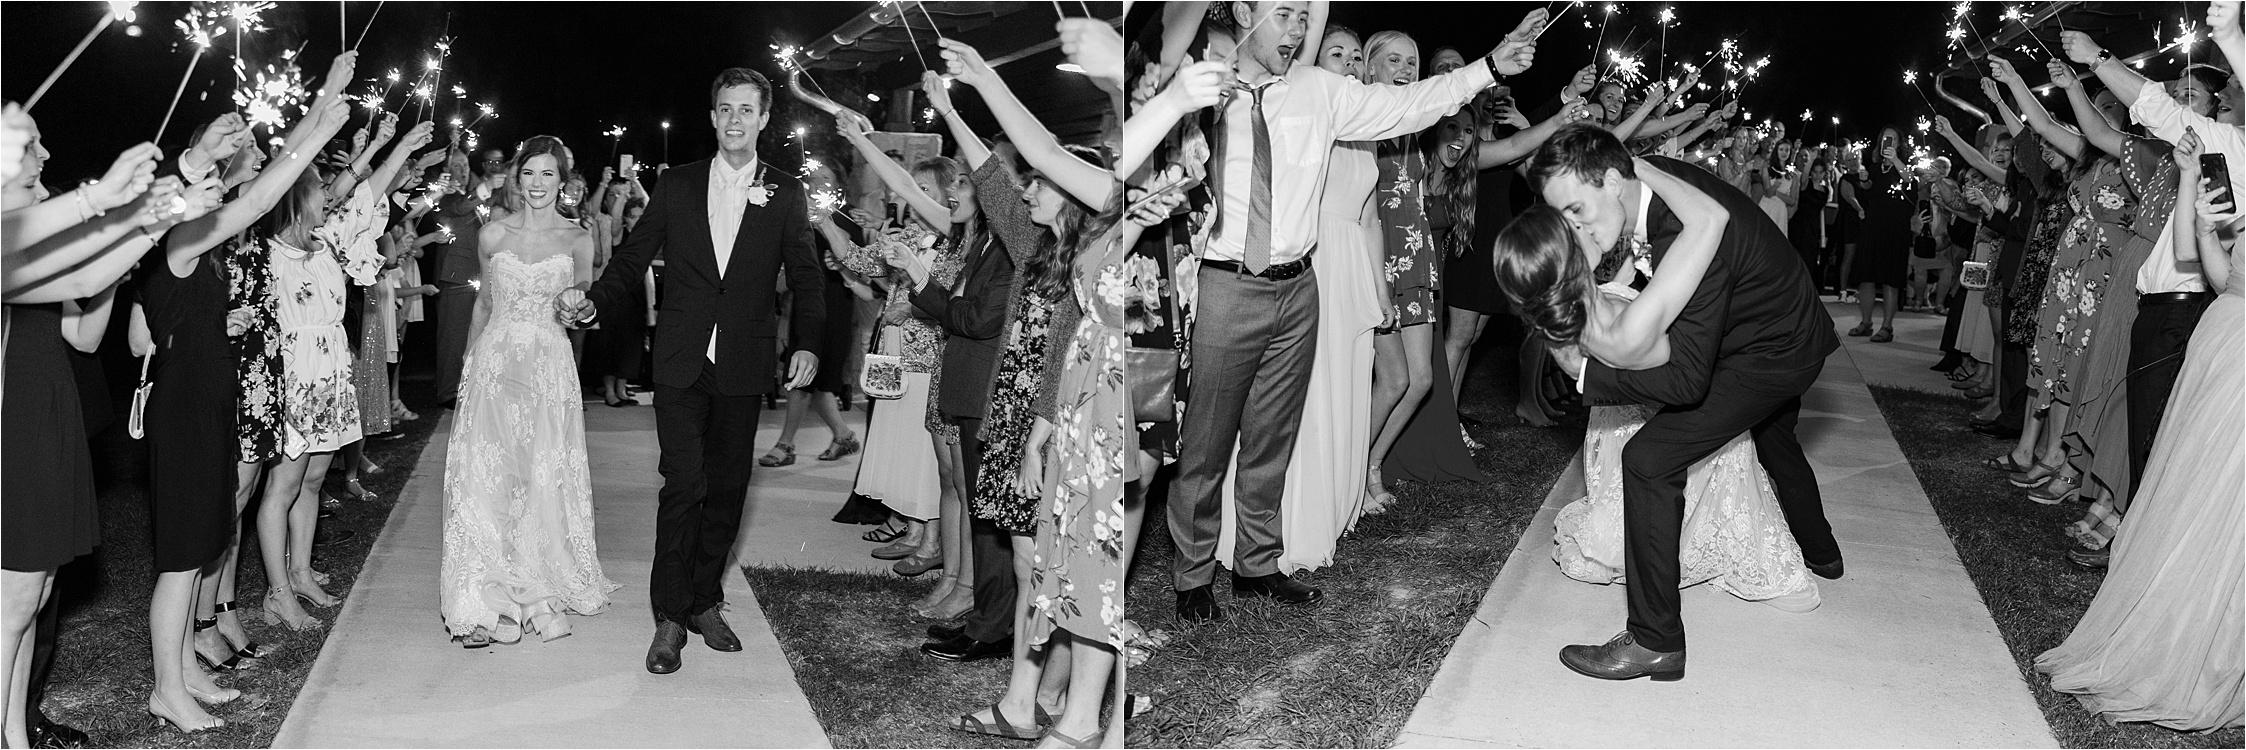 Birmingham wedding photographer_0079.jpg